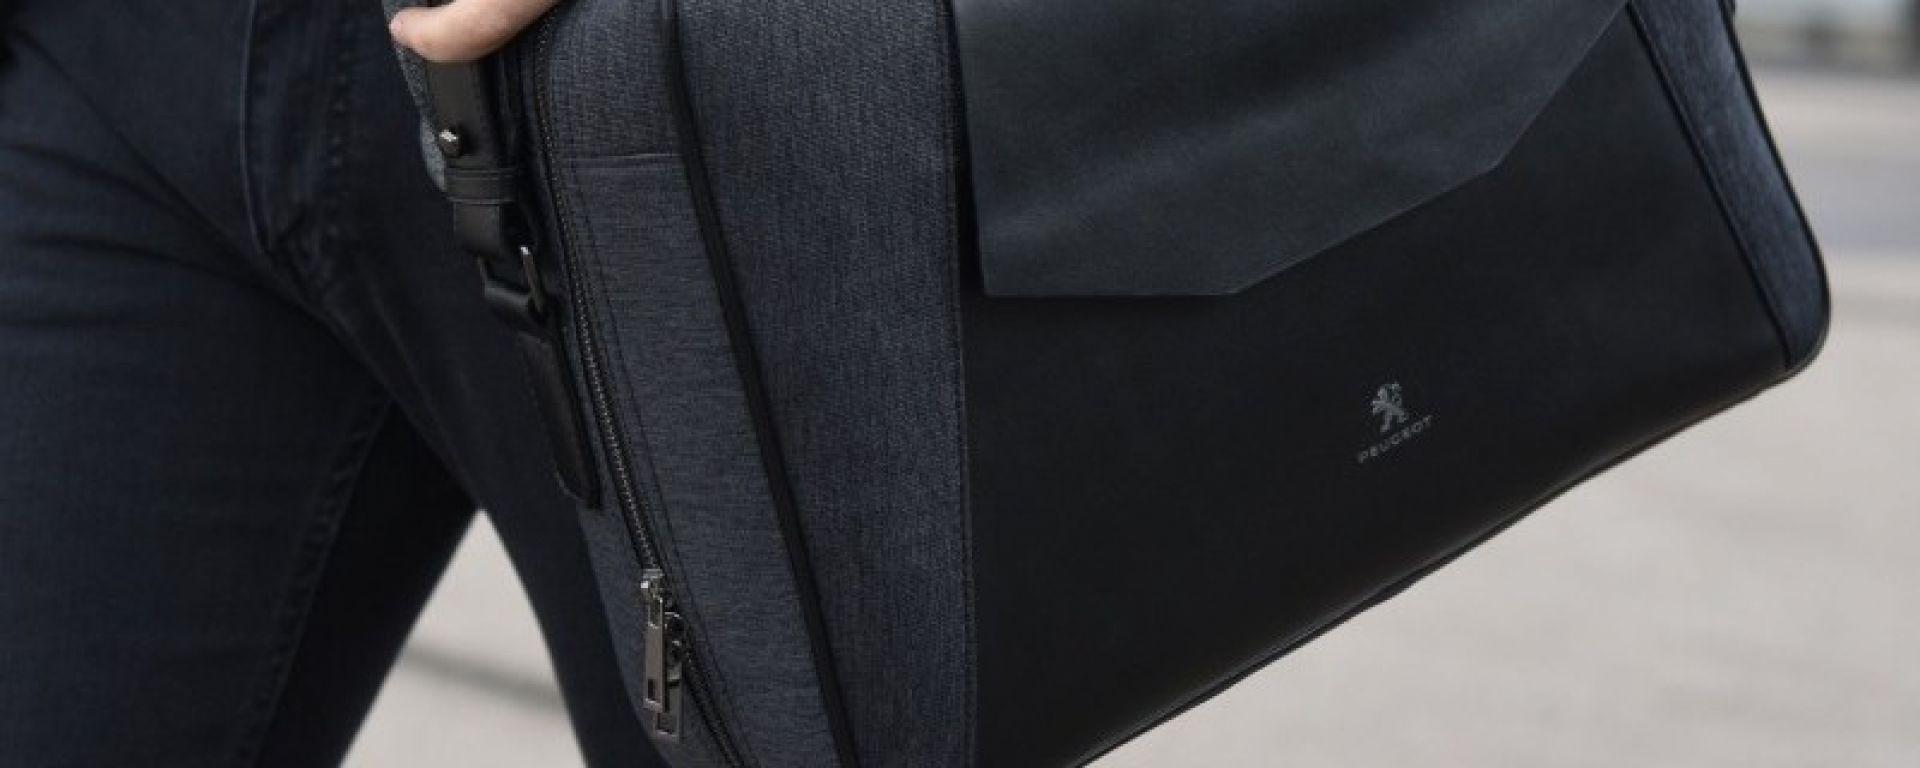 Peugeot: valigia portadocumenti